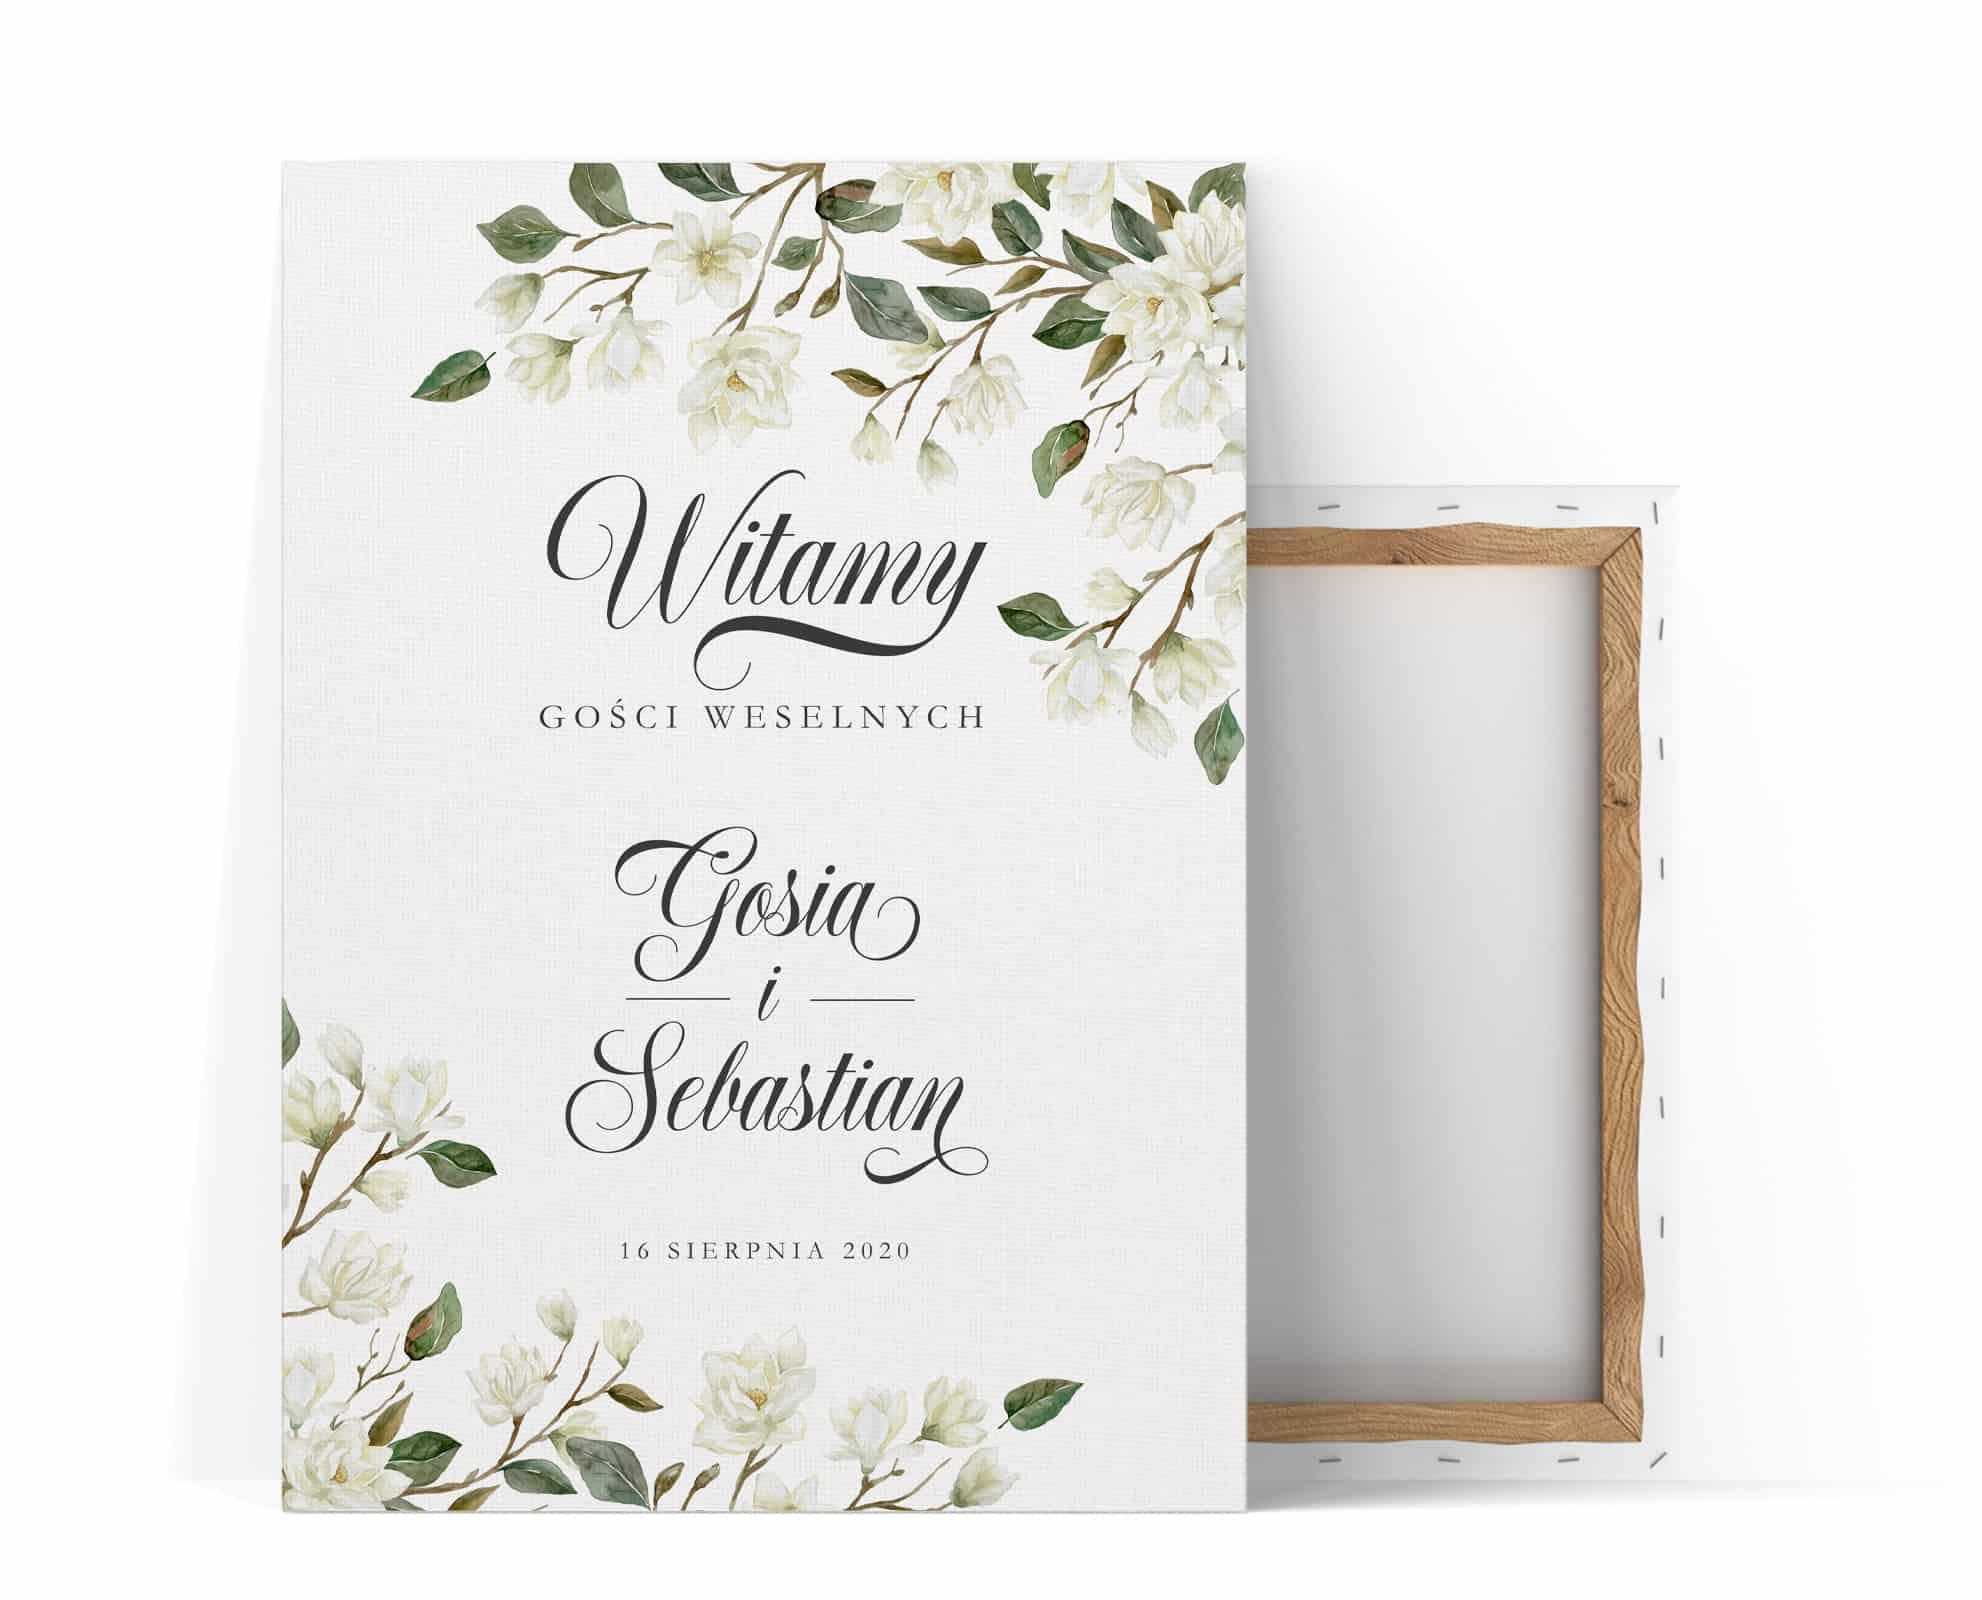 Tablica powitalna gości na uroczystości z dużą ozdobną czcionką i kompozycją magnolii